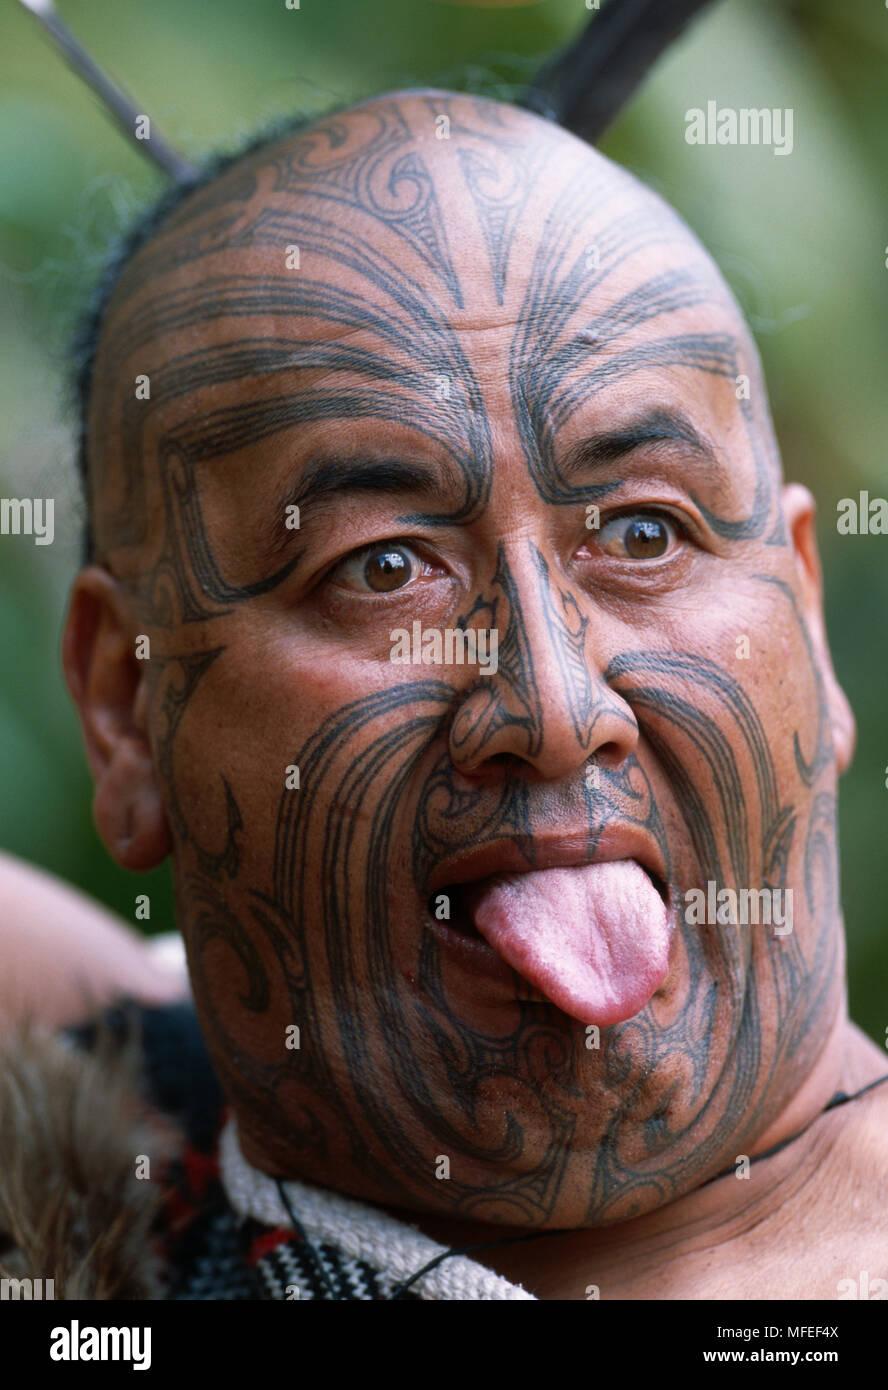 avec la langue maorie traditionnelle avec tatouage facial  moko  et de costumes authentiques